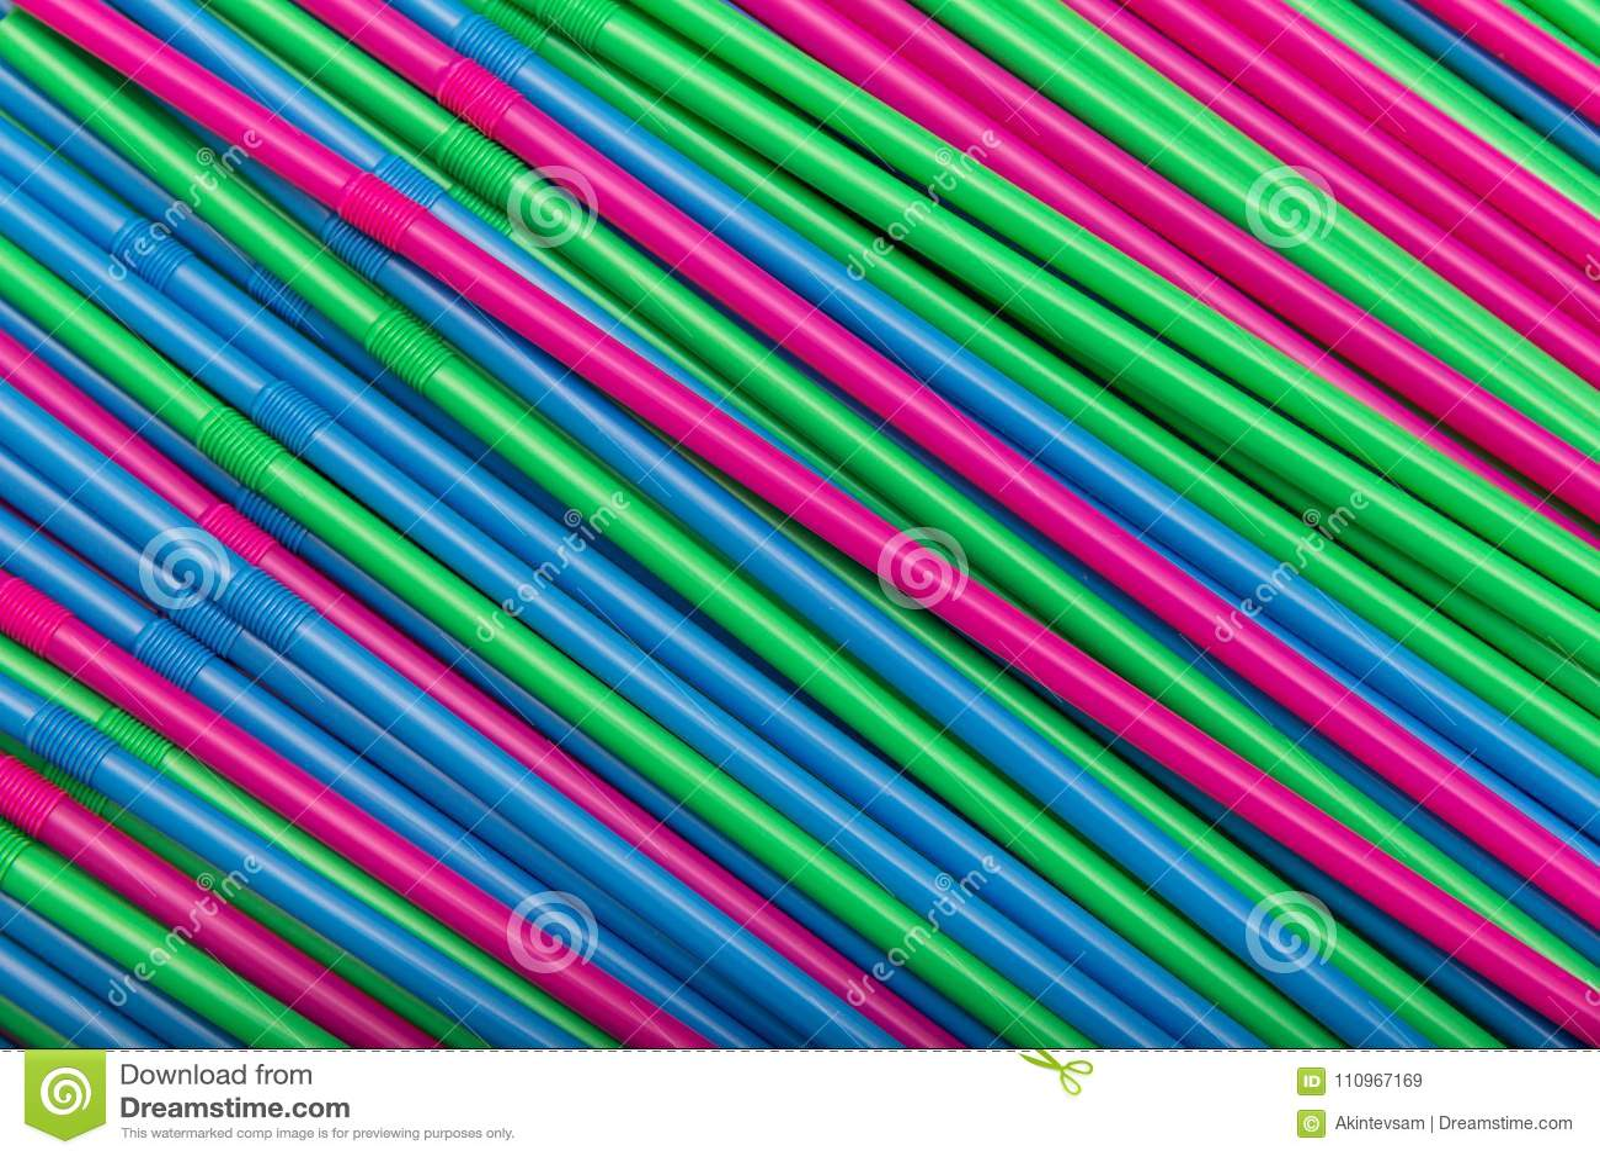 Koktajl słoma abstrakcjonistyczny tło różni kolory